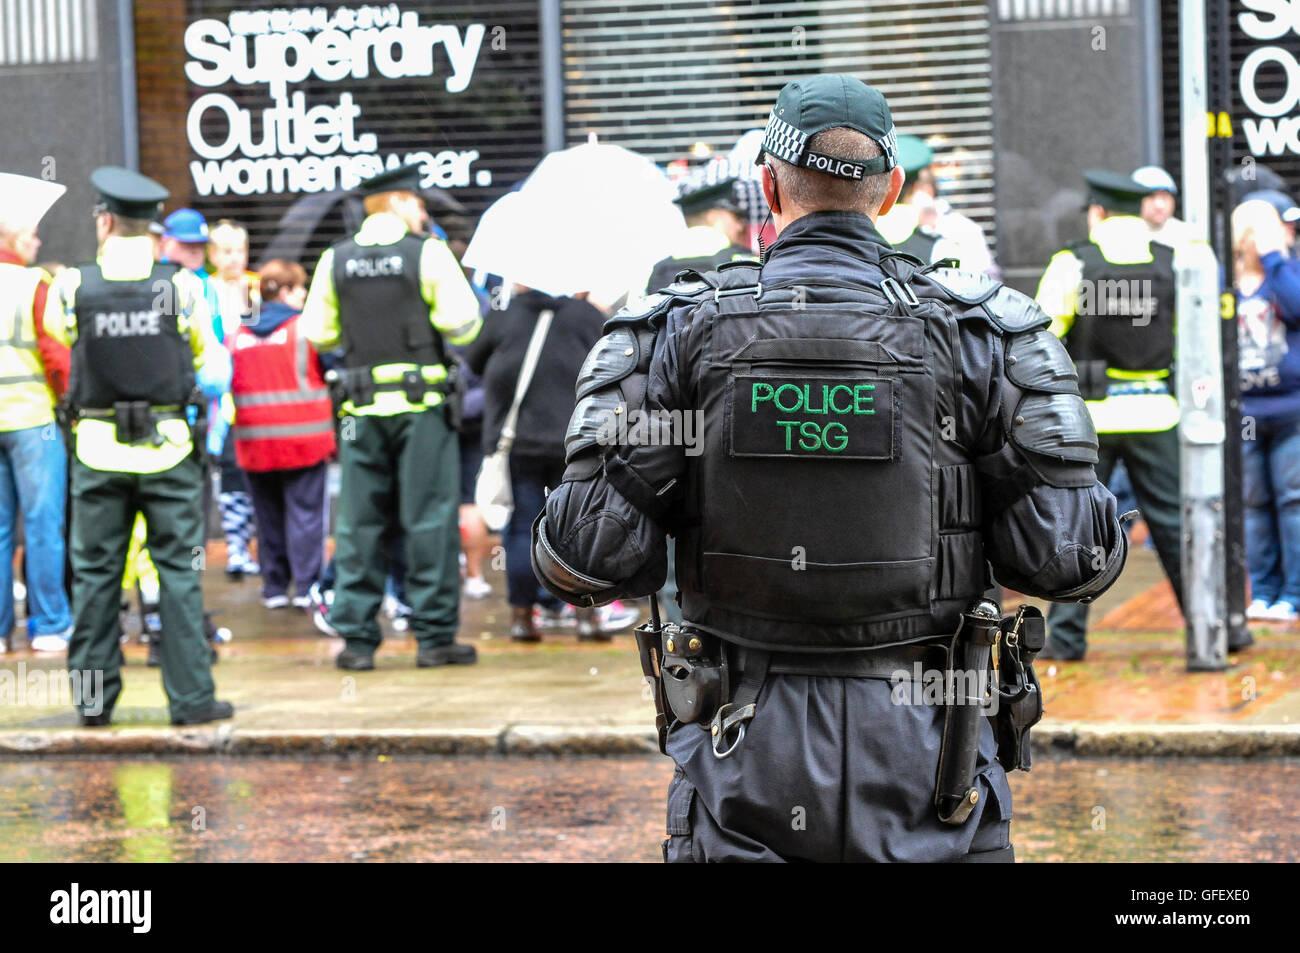 Belfast, Irlande du Nord. 10 août 2014 - Les agents de police gardez une foule de personnes sous contrôle, Photo Stock